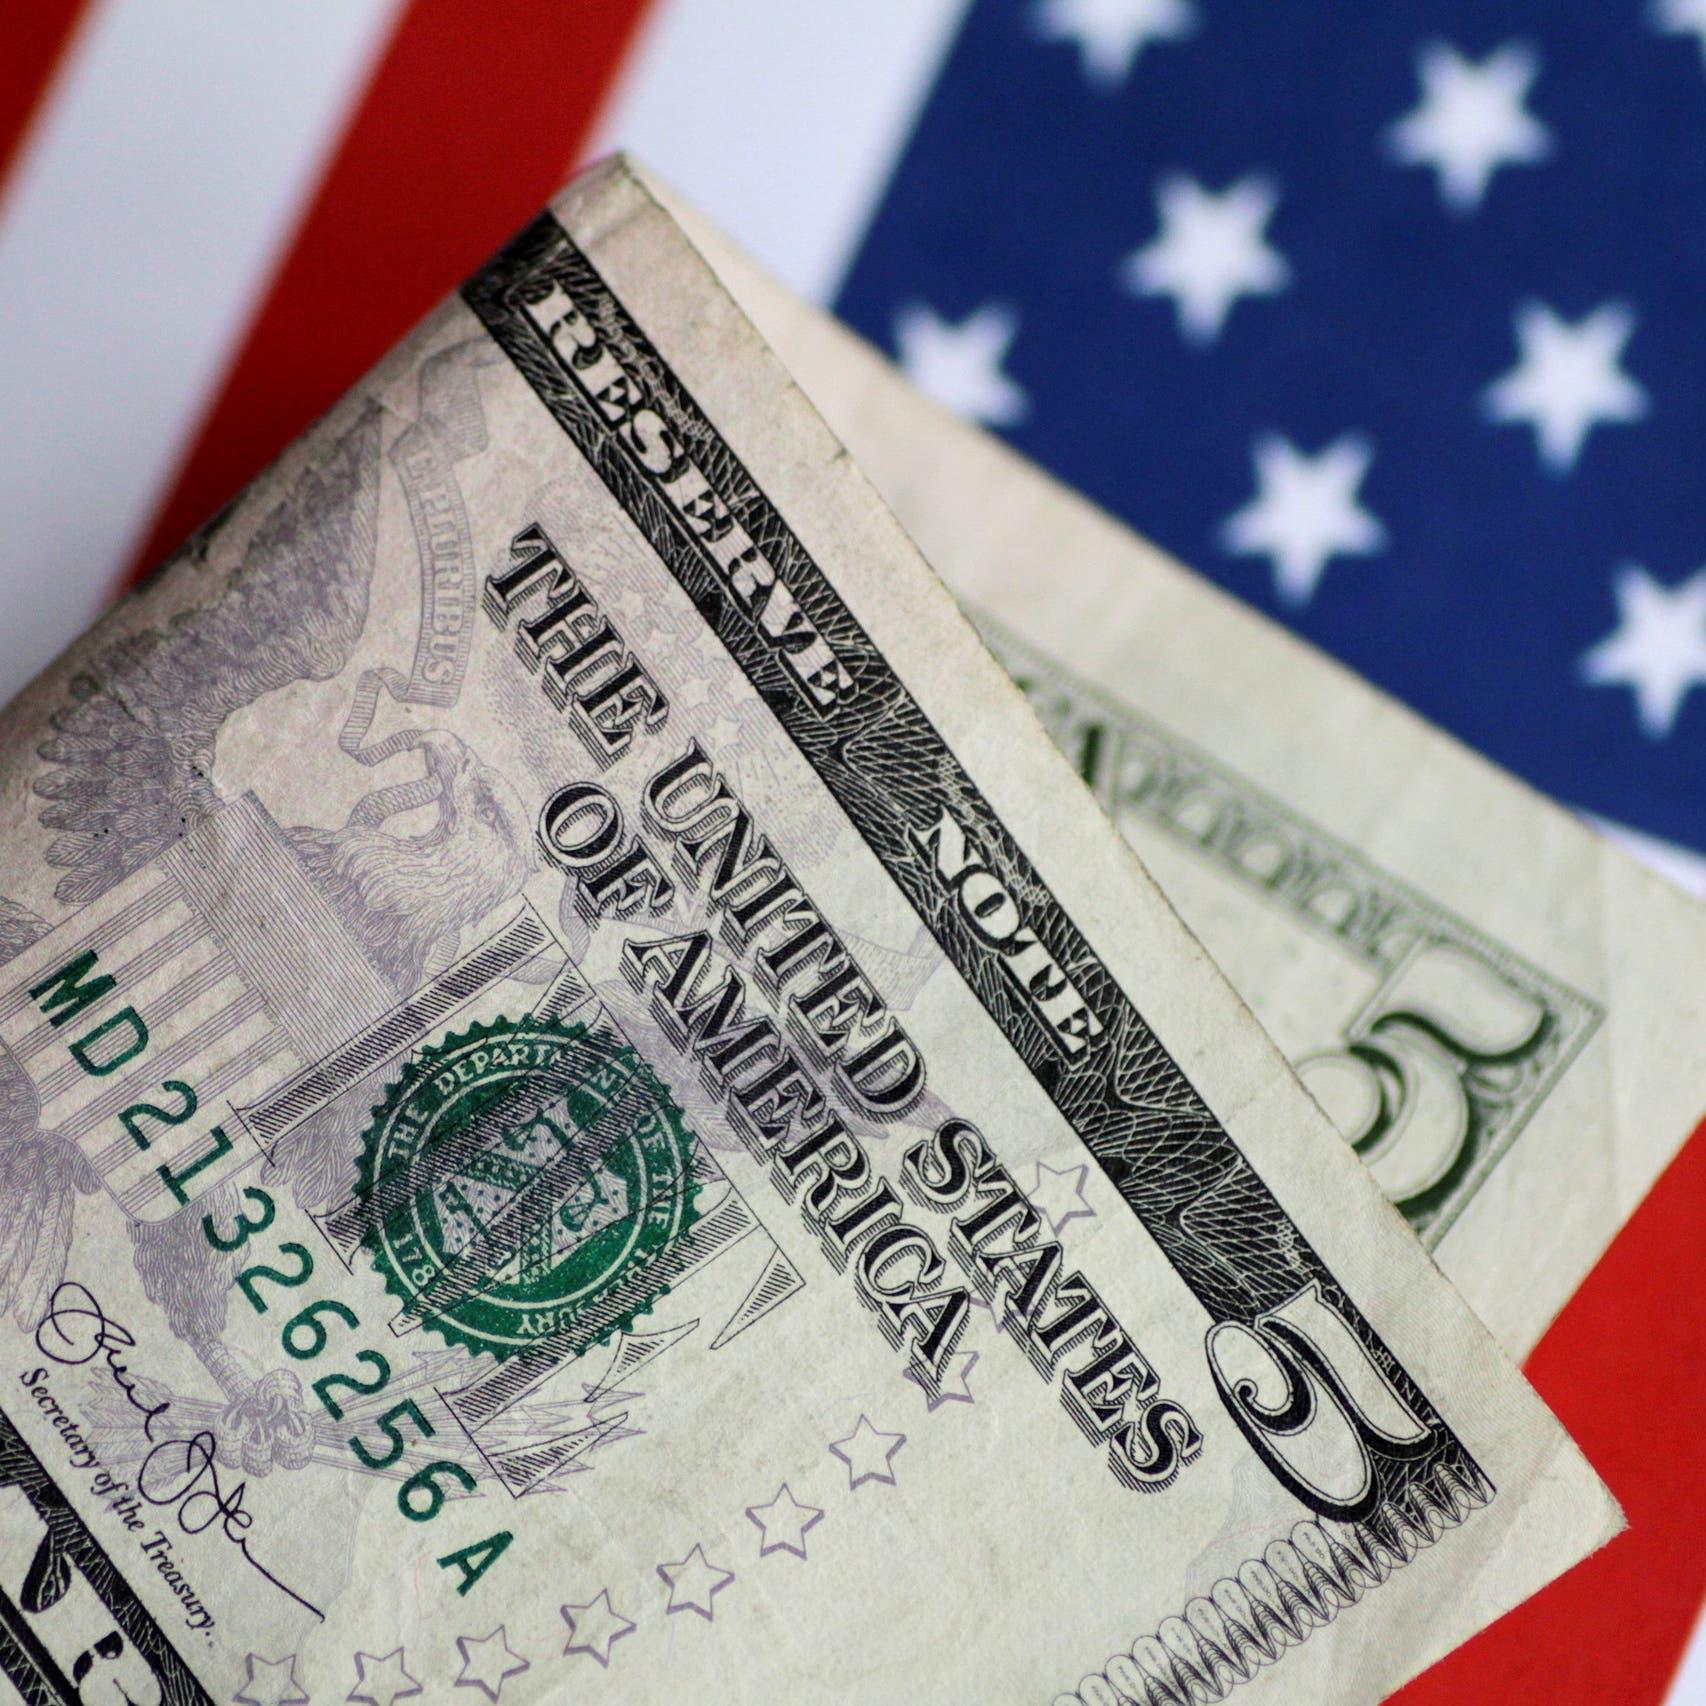 الدولار قرب قاع أسبوع مع انحسار المخاوف بشأن دلتا